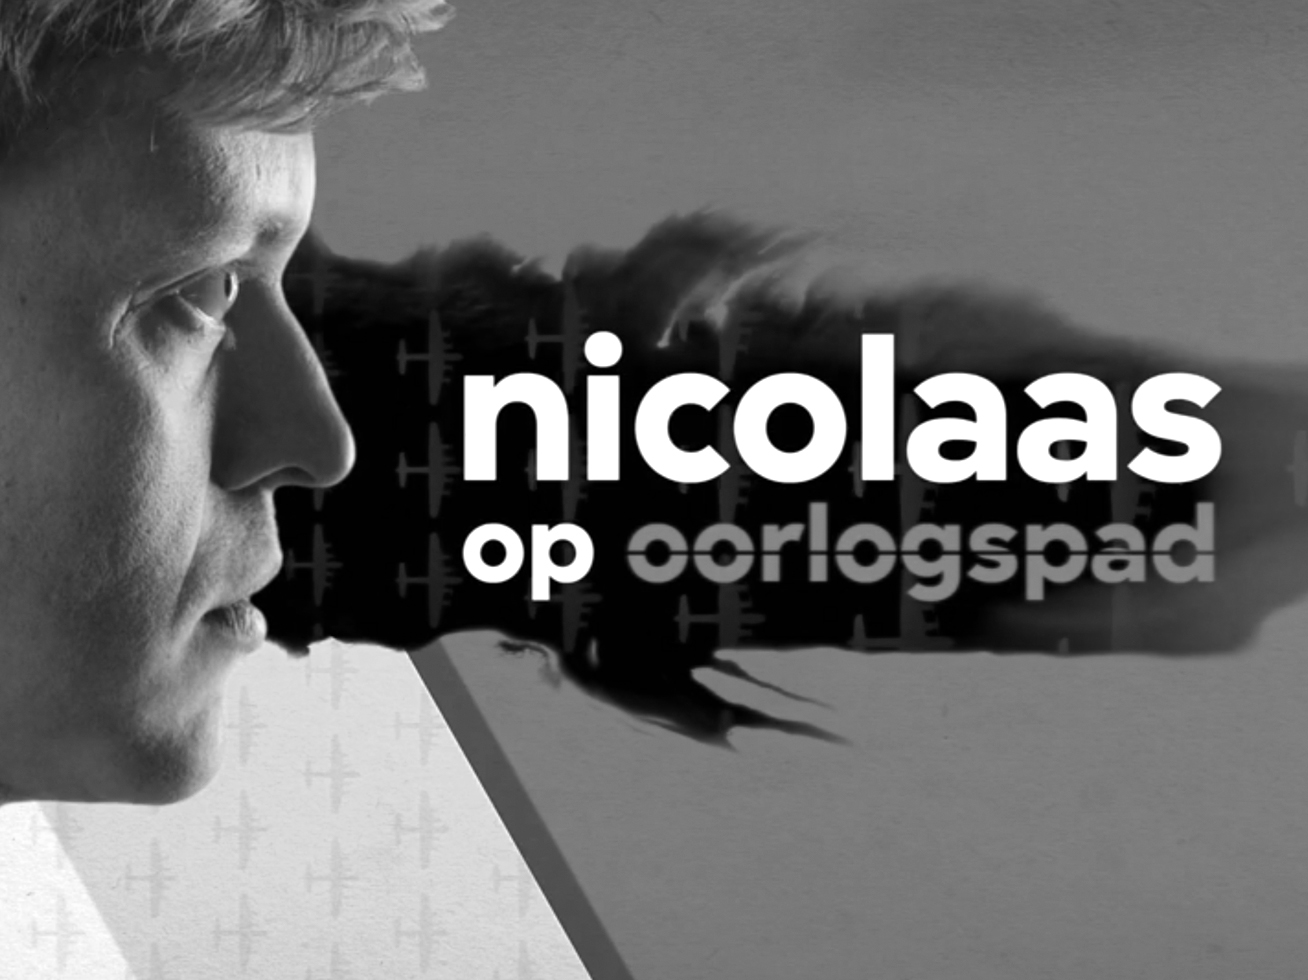 Nicolaas op oorlogspad